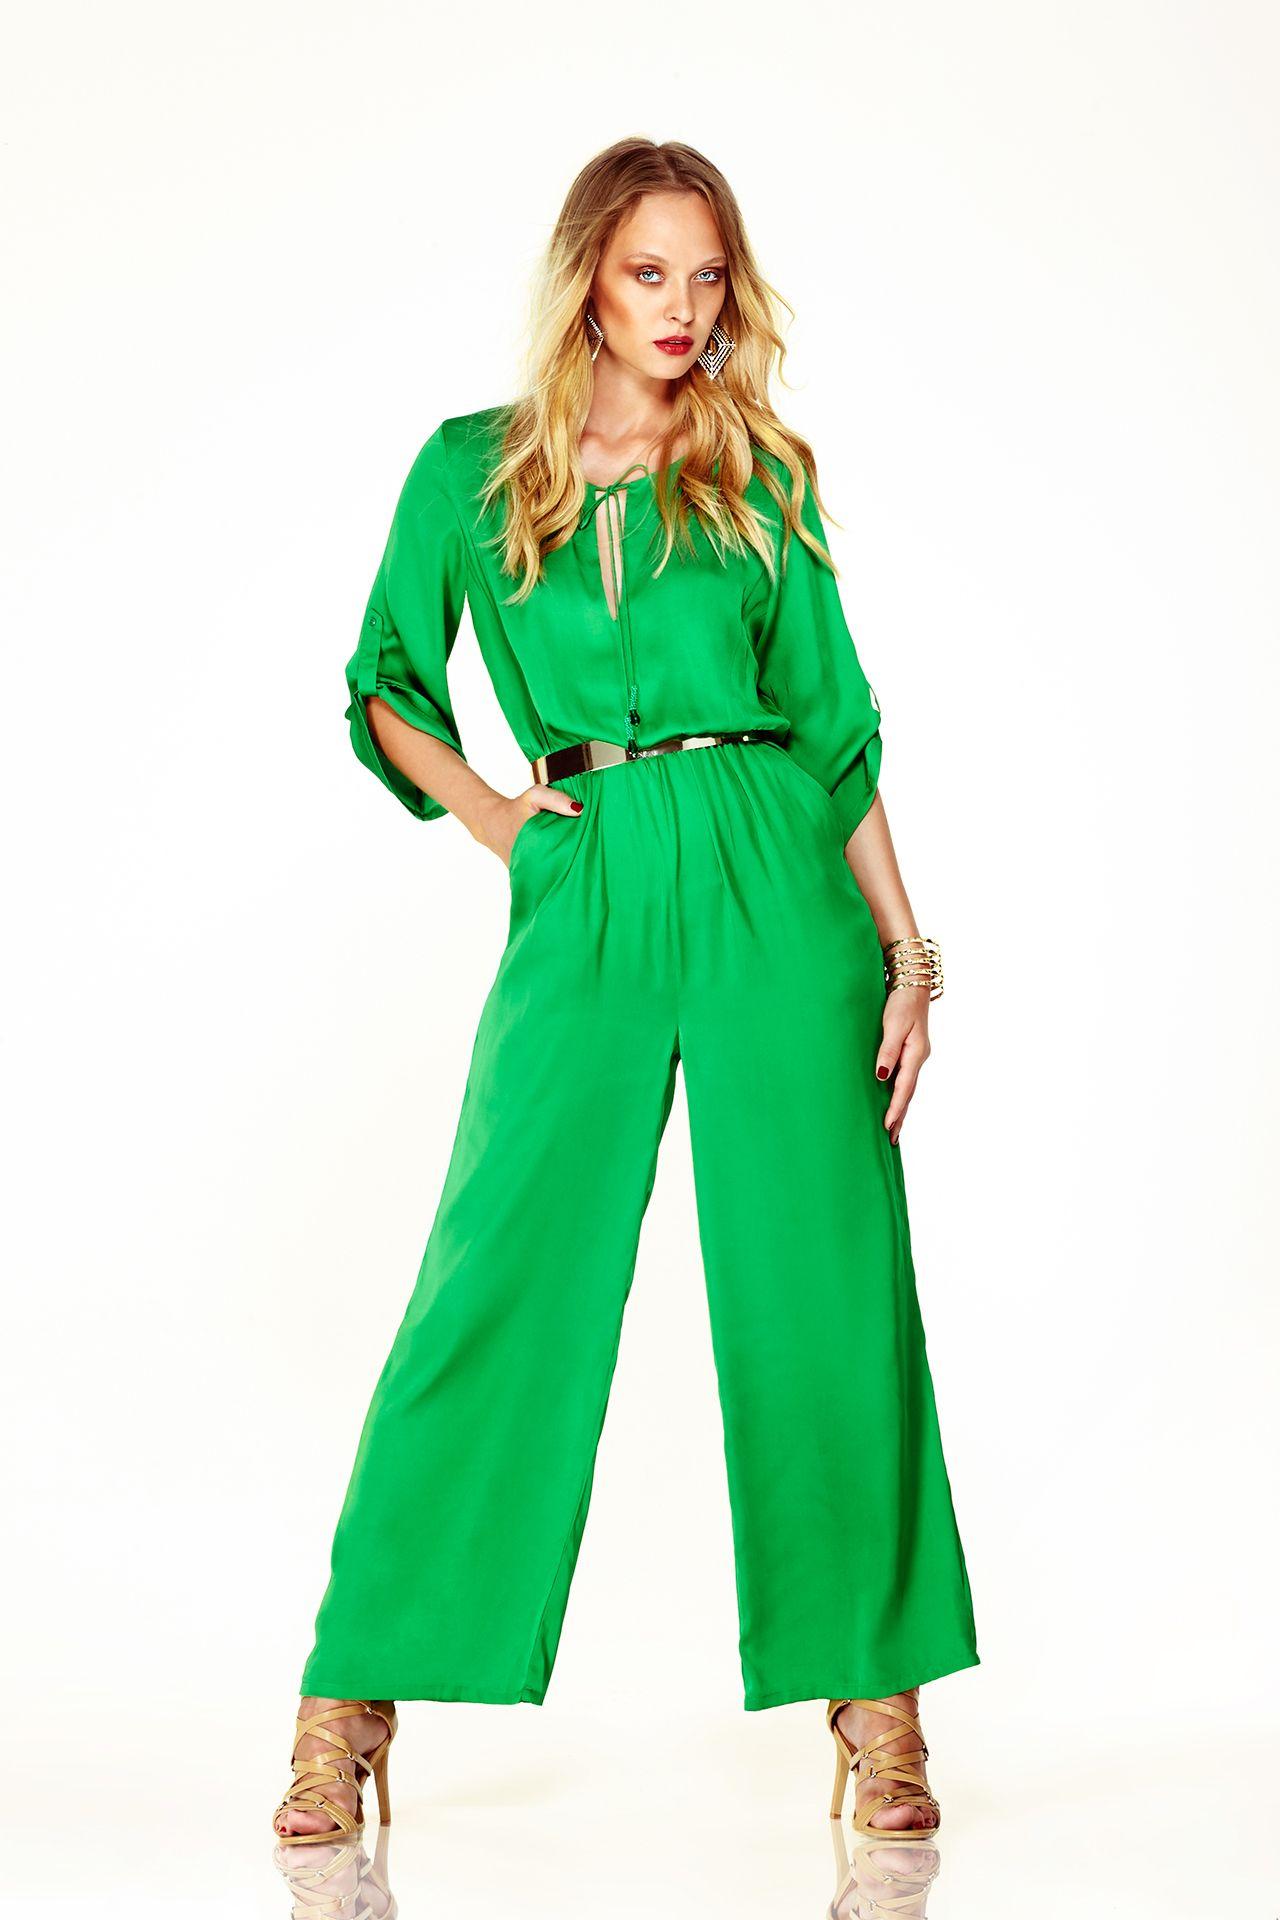 Shahida Parides Camisole Jumpsuit in Bright Green